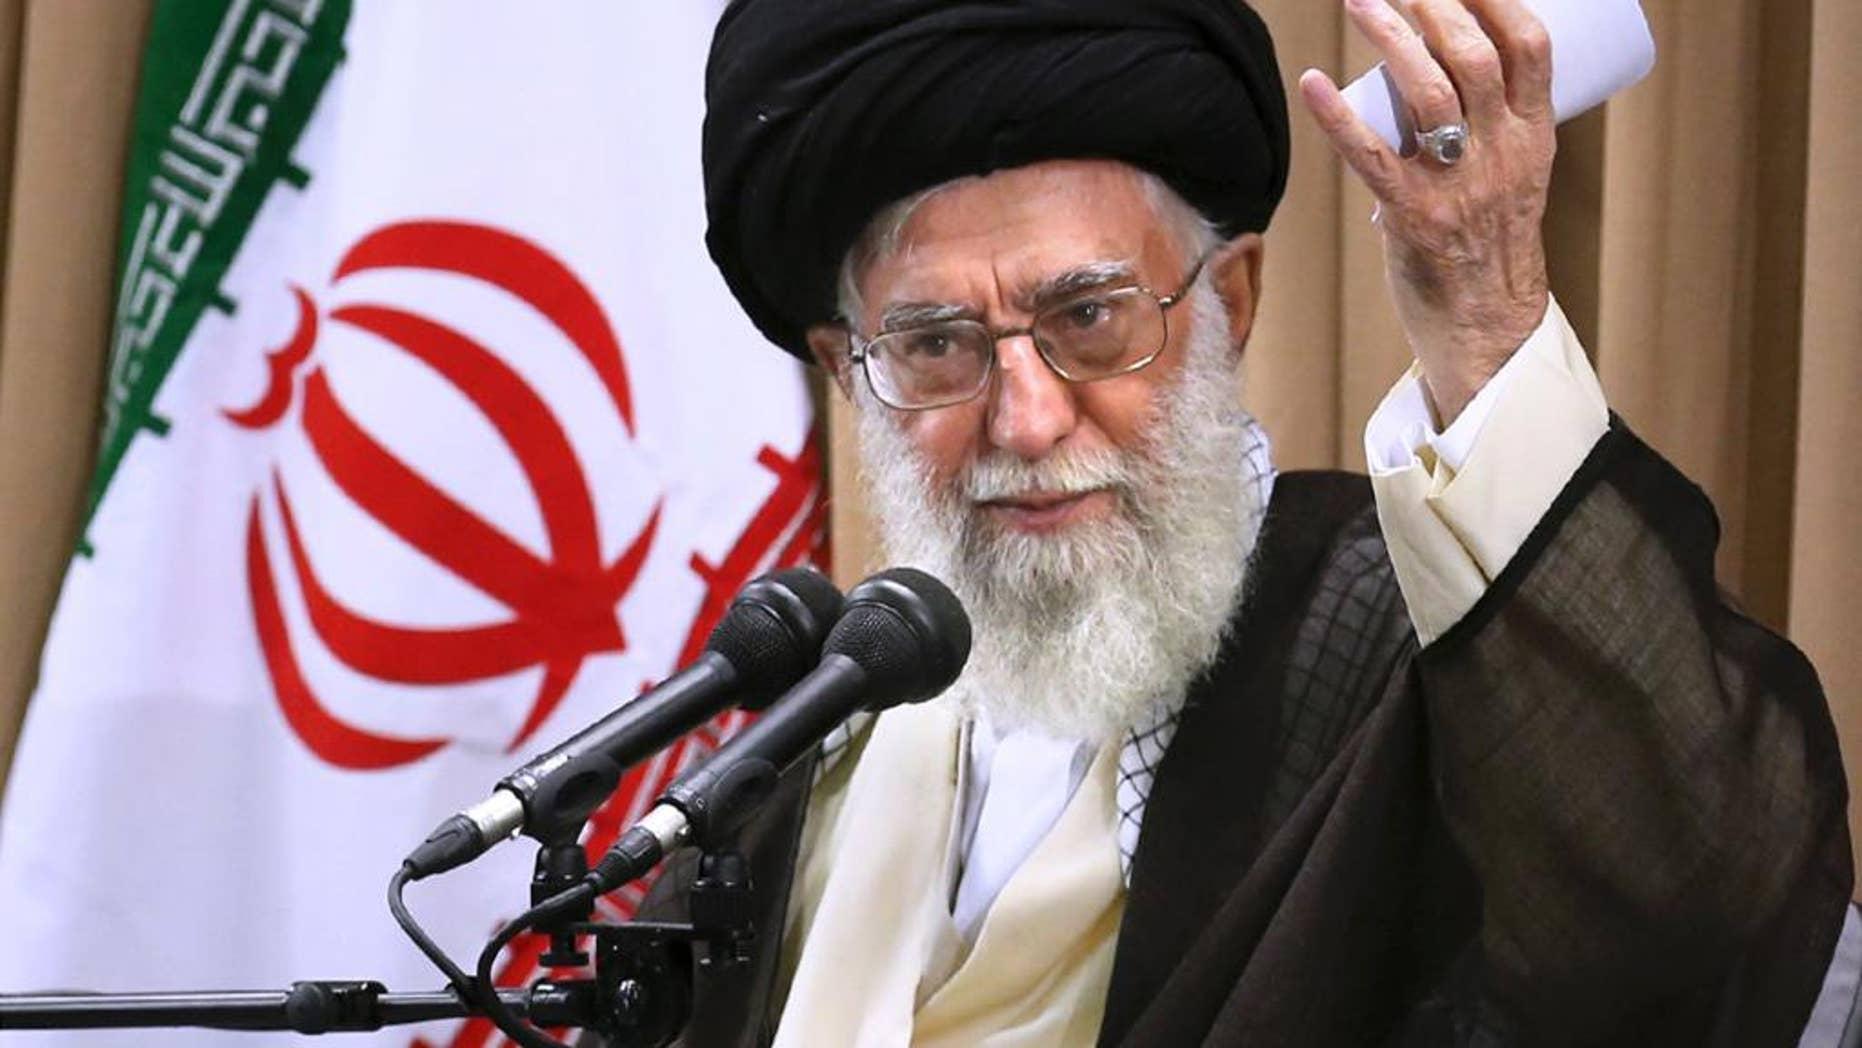 En esta foto difundida por un cibersitio oficial se ve al líder supremo iraní el 23 de junio del 2015 hablando a altos funcionaarios bajo un retrato del fundador de la revolución iraní ayatola Ruhola Jomeini. (Oficina del Líder Supremo Iraní, vía AP)